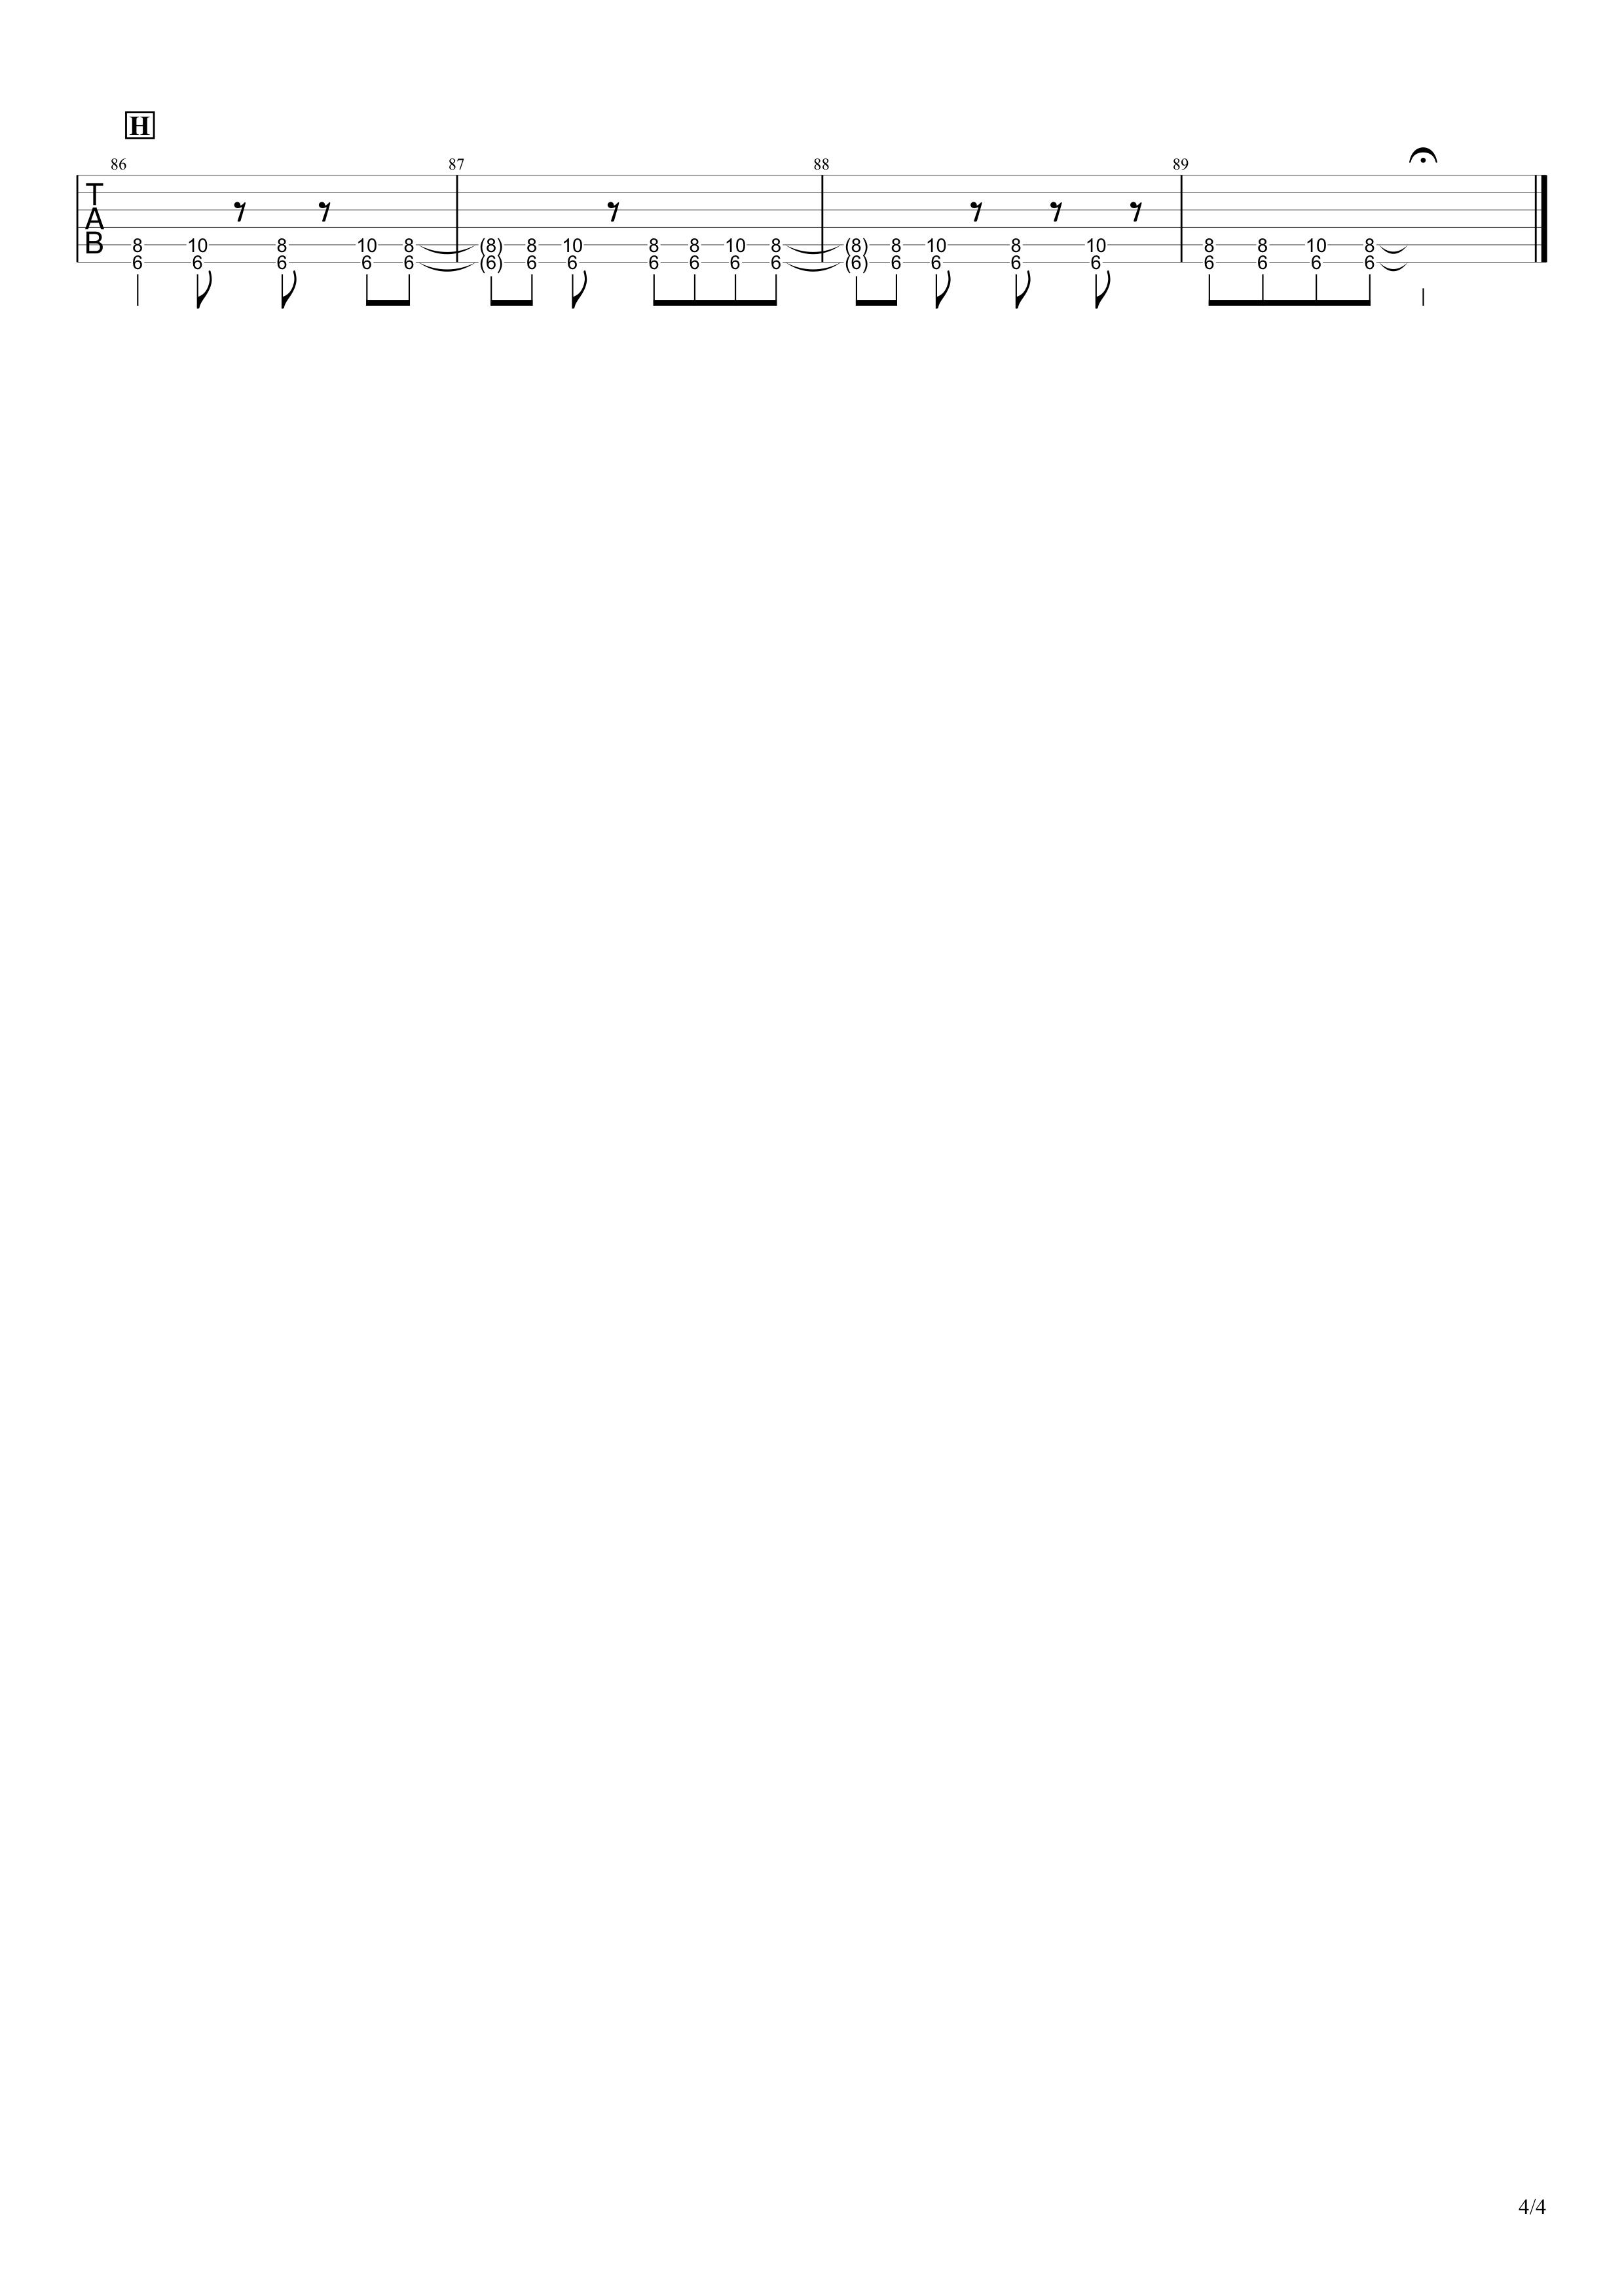 ずっと好きだったんだぜ/斉藤和義 ギタータブ譜 イントロ&リフ&ソロありVer.04